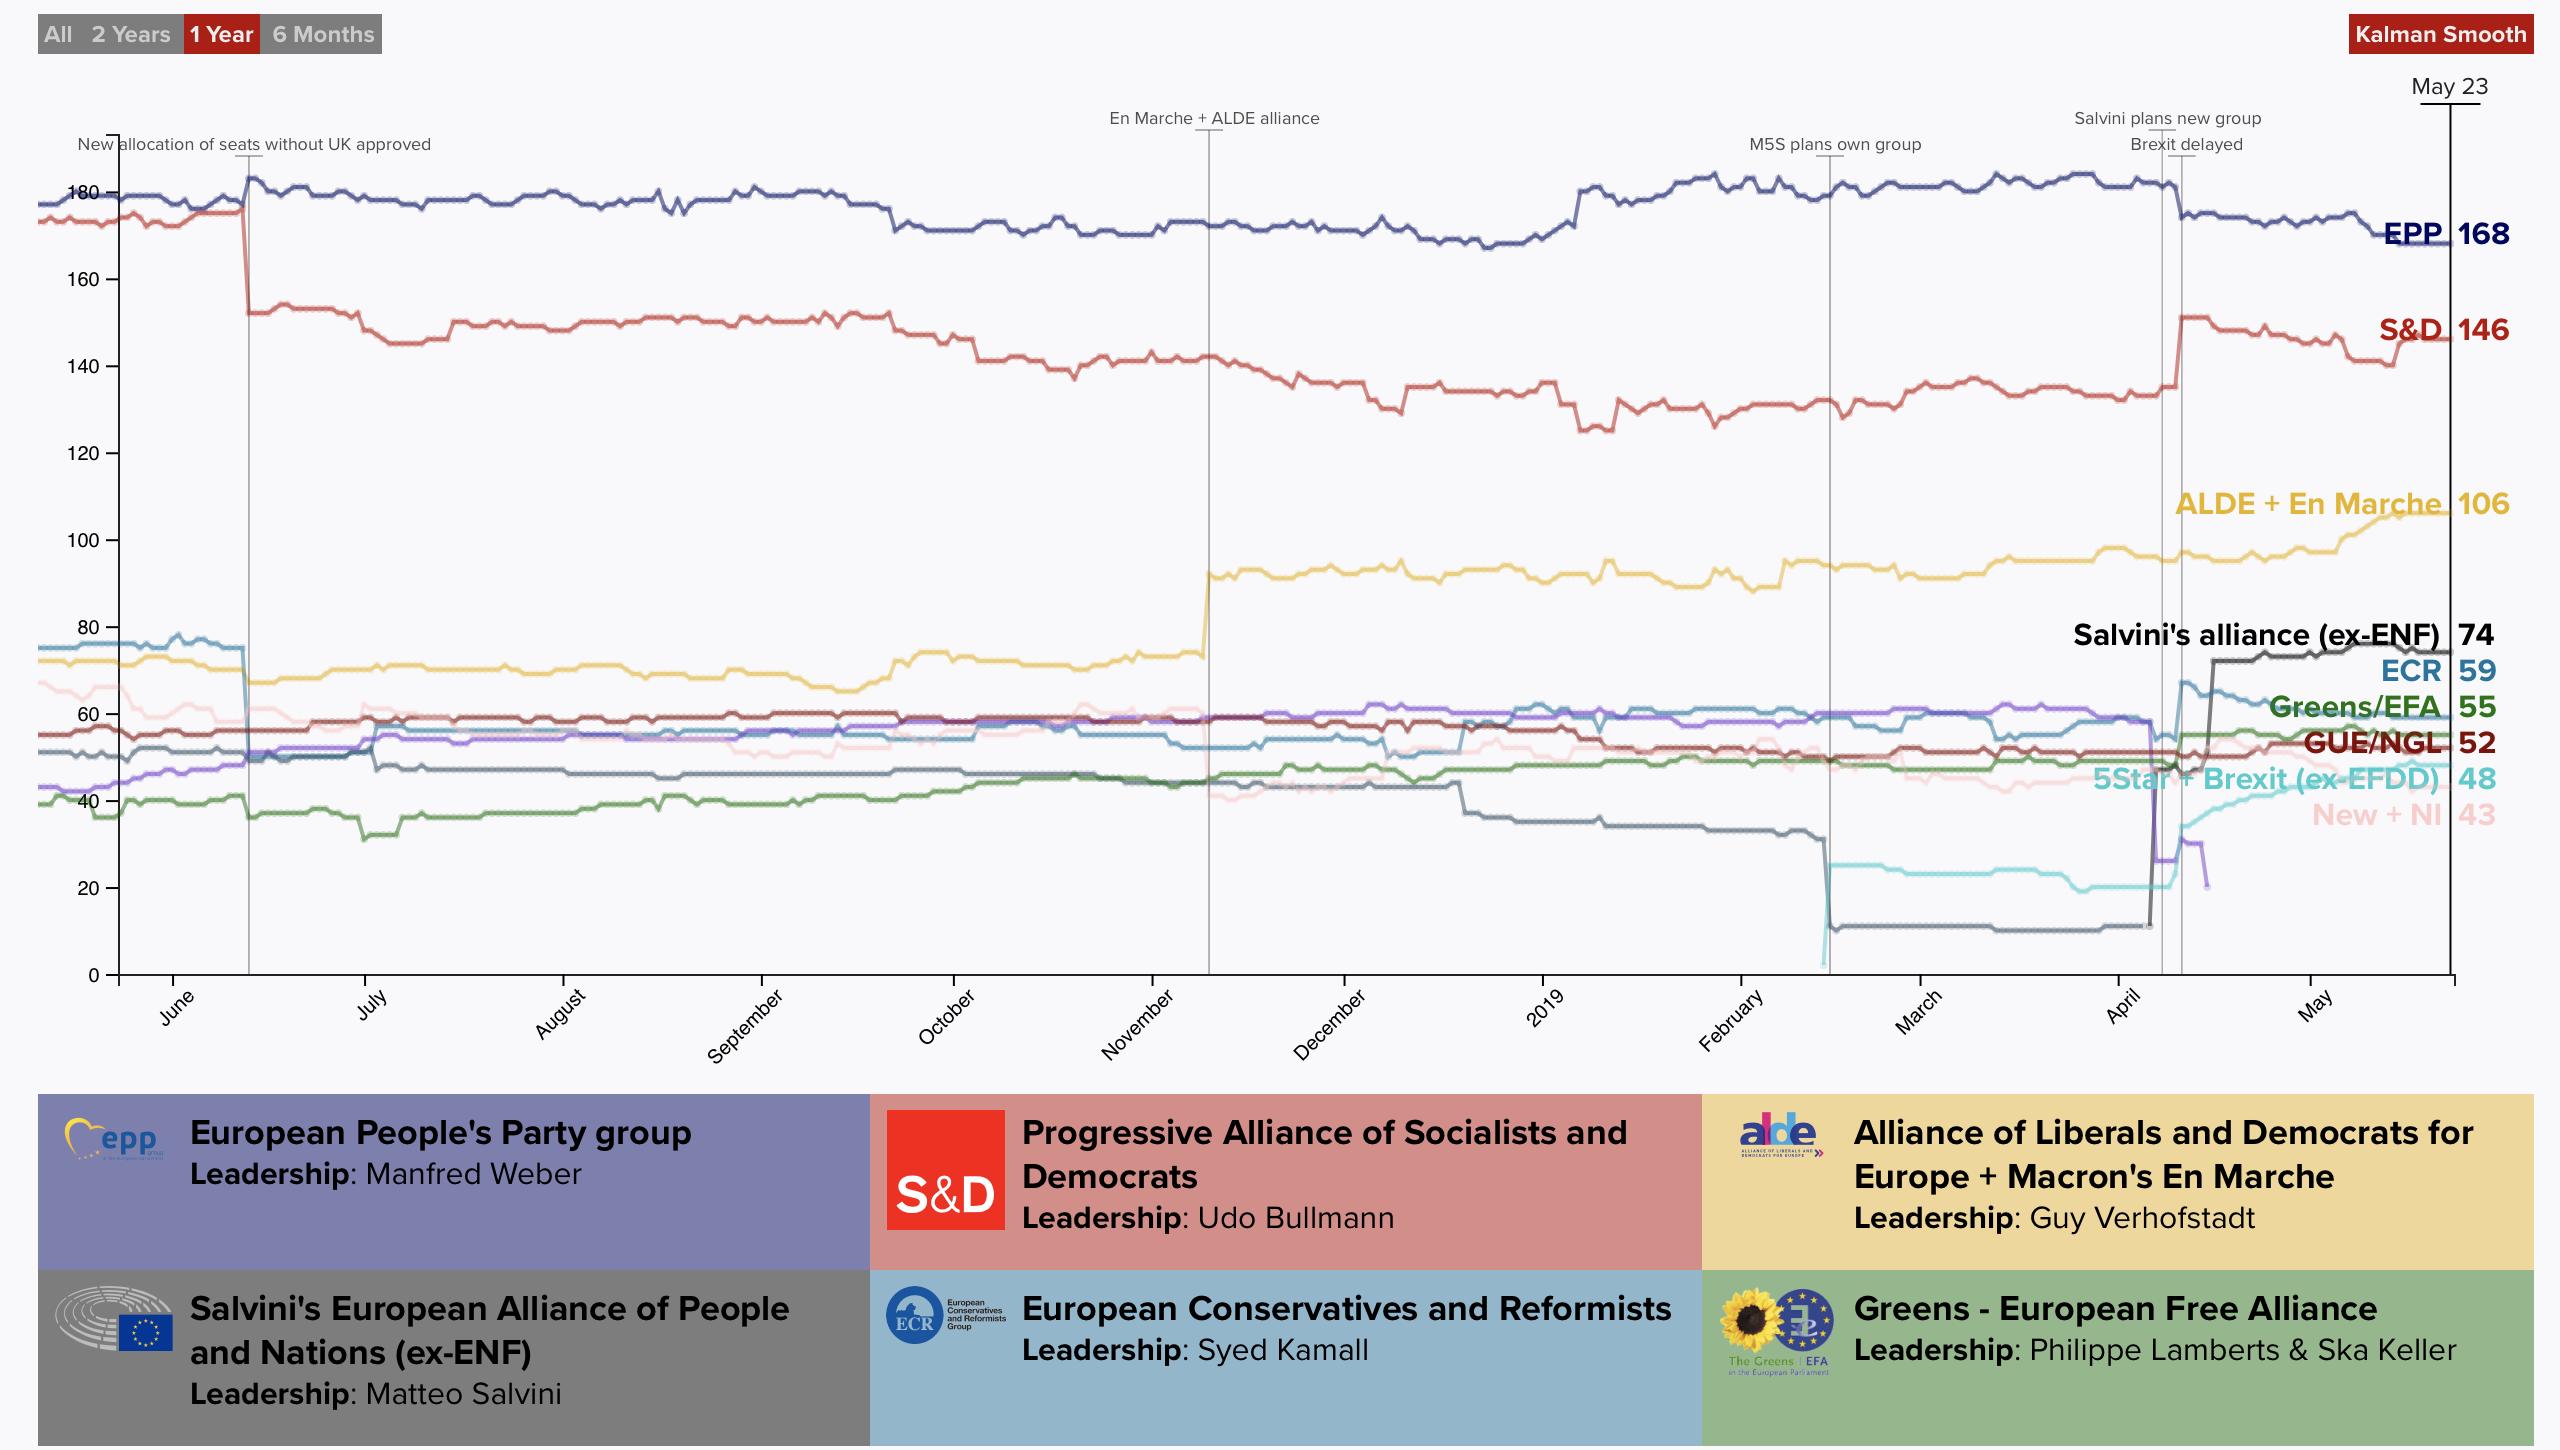 Sondaggi Elezioni Europee; le proiezioni dei seggi del Parlamento al 23 maggio (fonte: Politico)